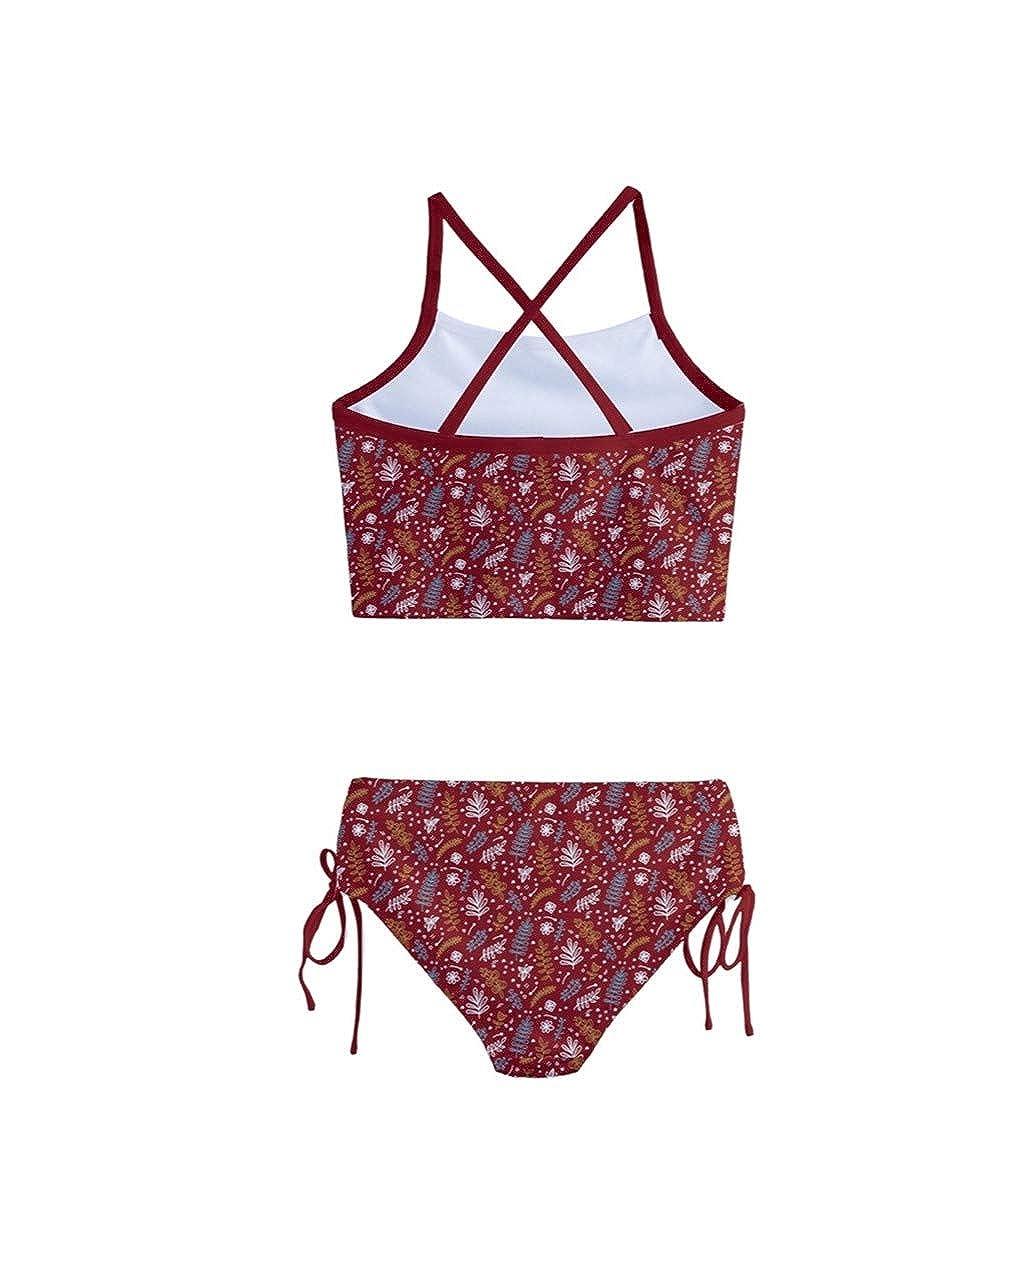 PattyCandy Little//Toddler Girls Girly Swimwear Unicorn Princess Rainbows Kids Tankini Swimsuit Bikini Set